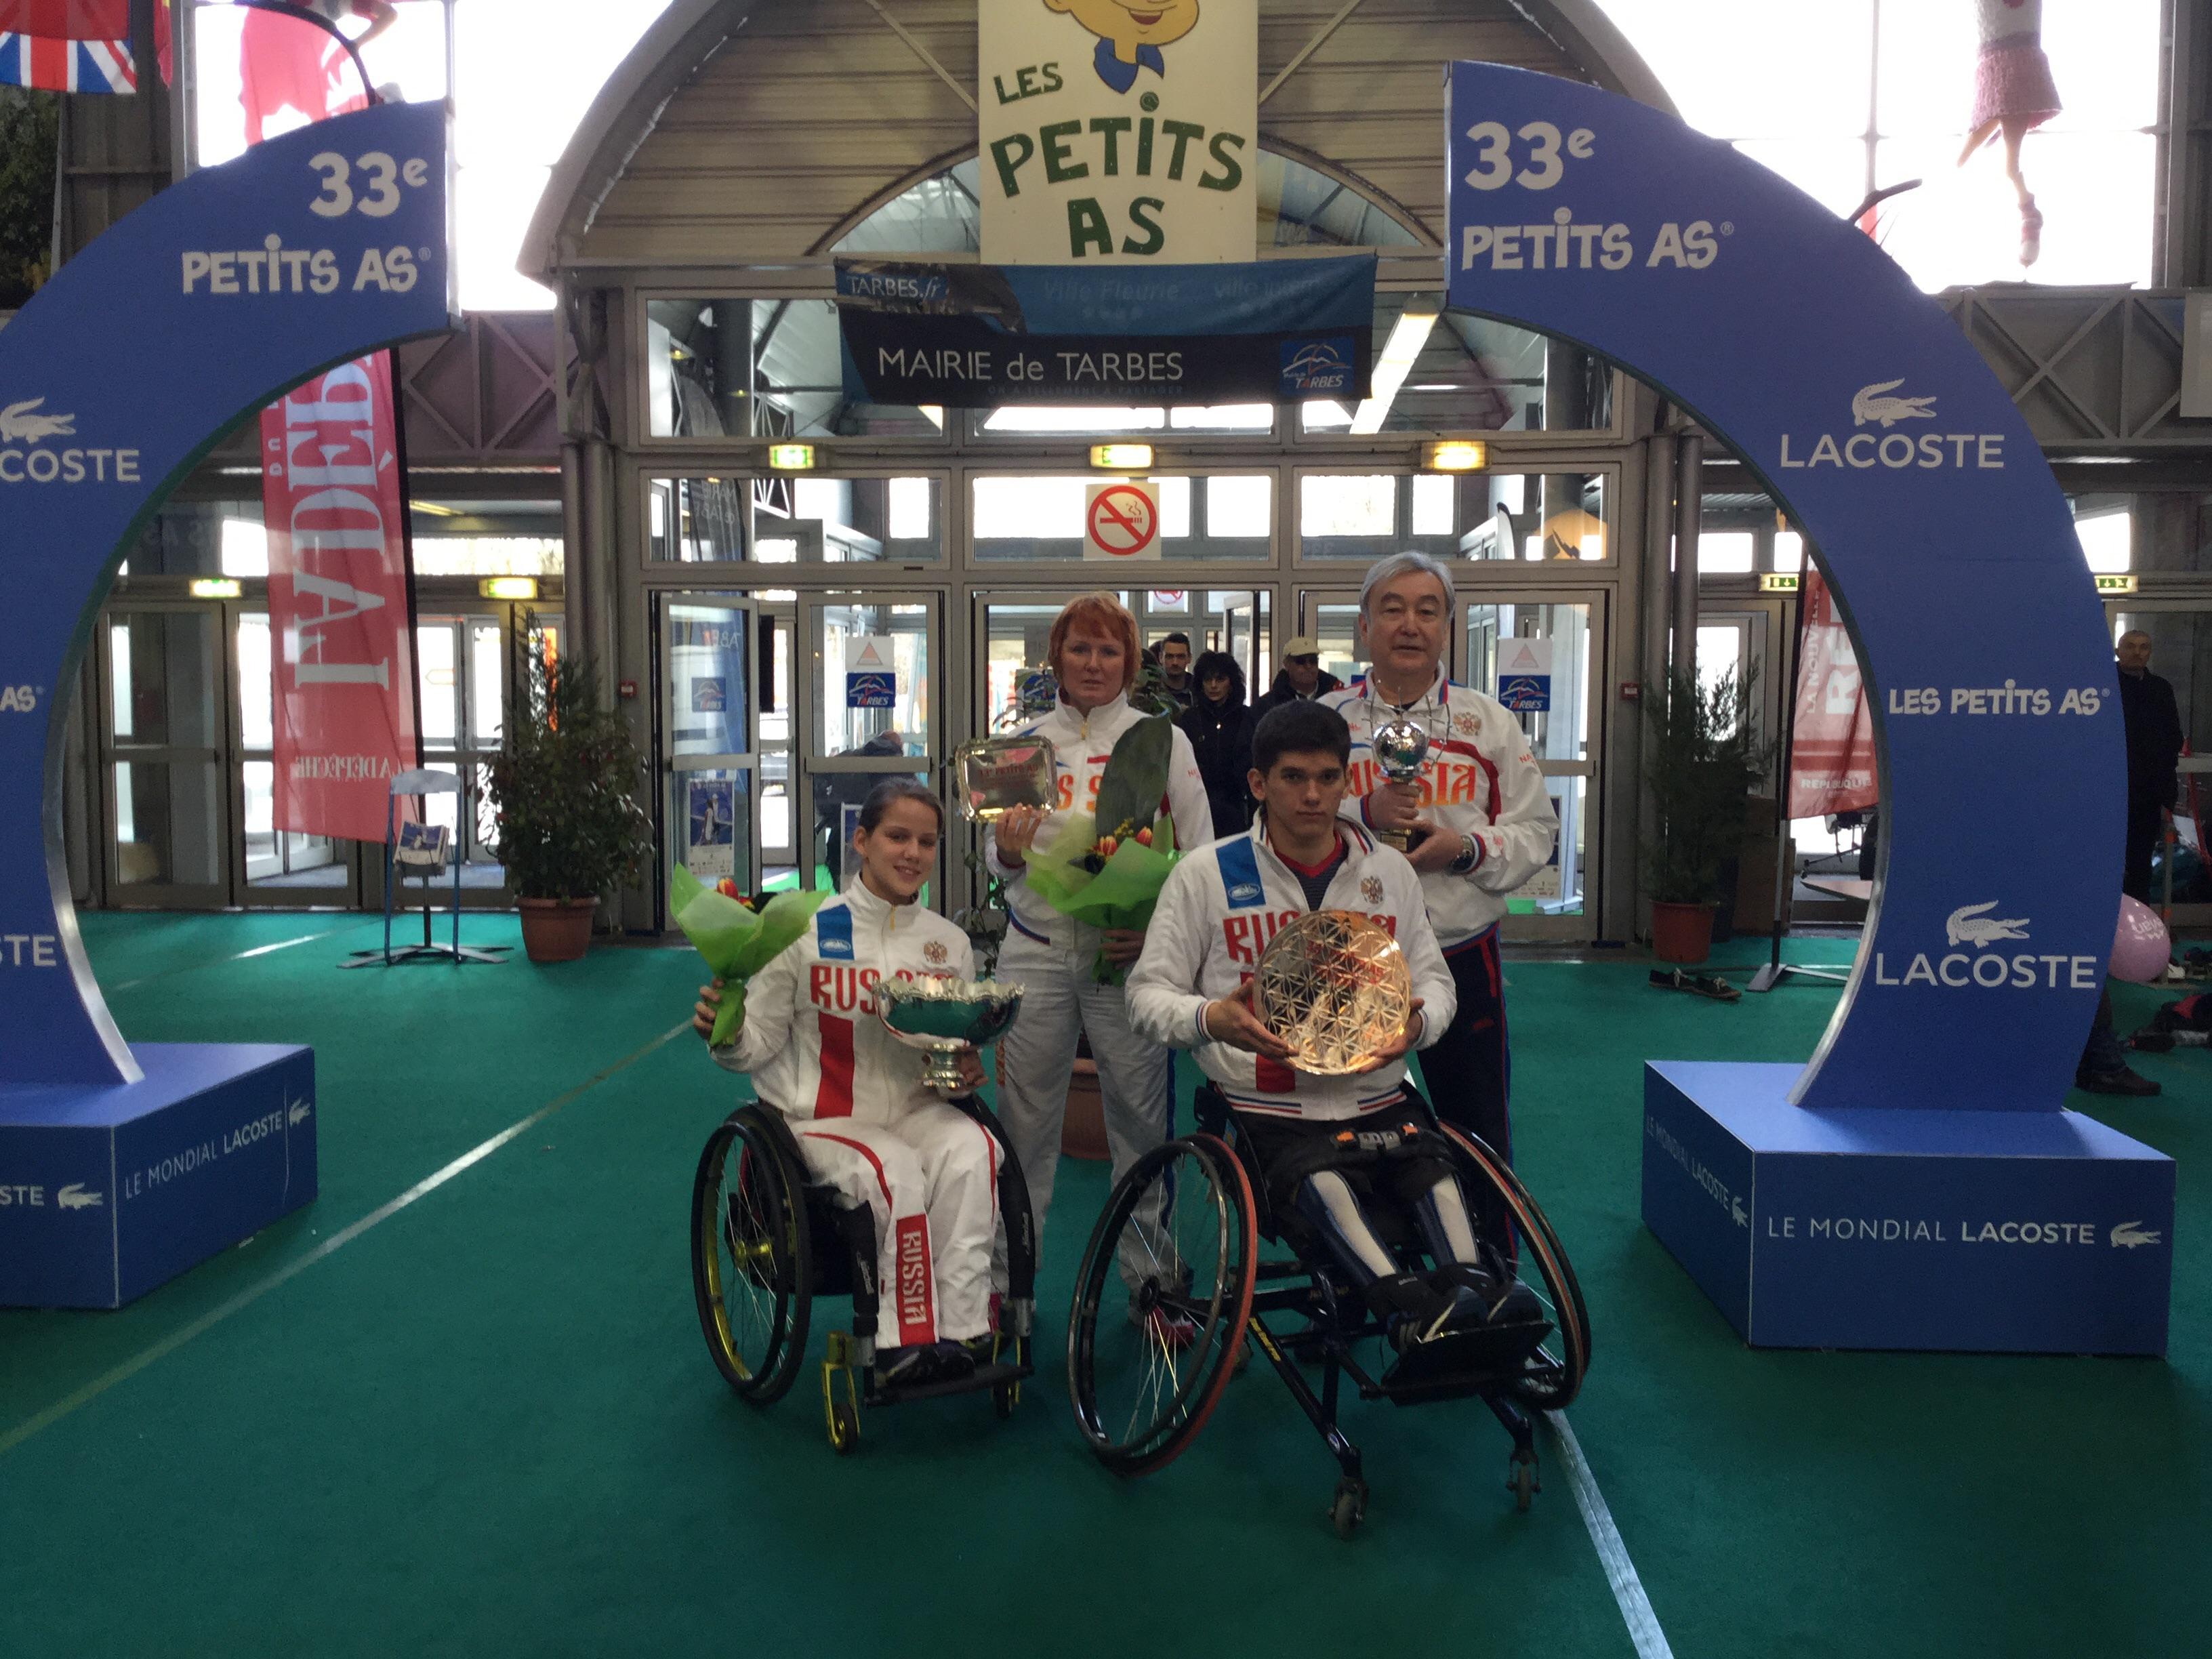 Виктория Львова завоевала первое место на юниорском турнире по теннису на колясках во Франции